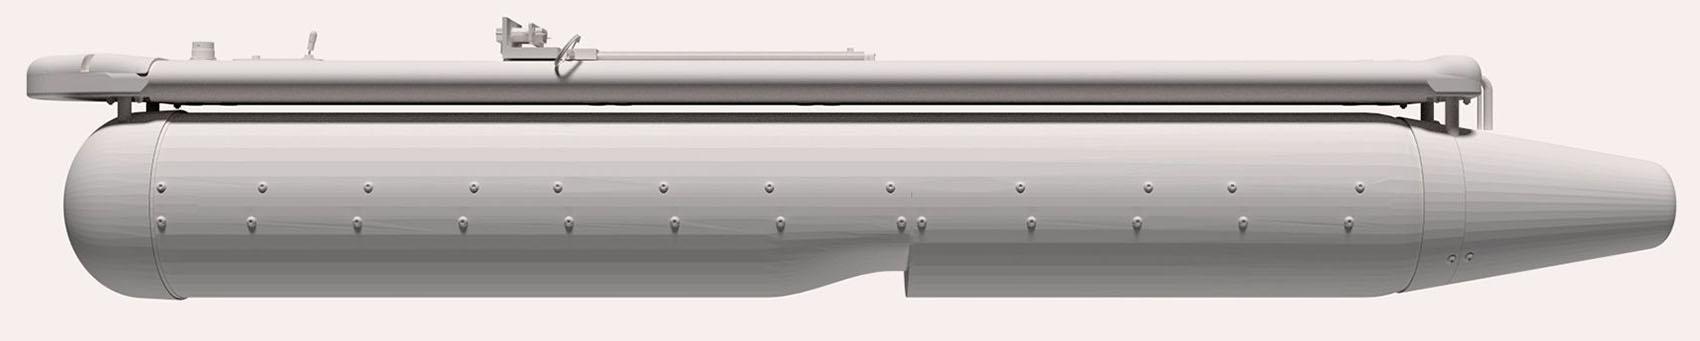 nsp-5-kugrey